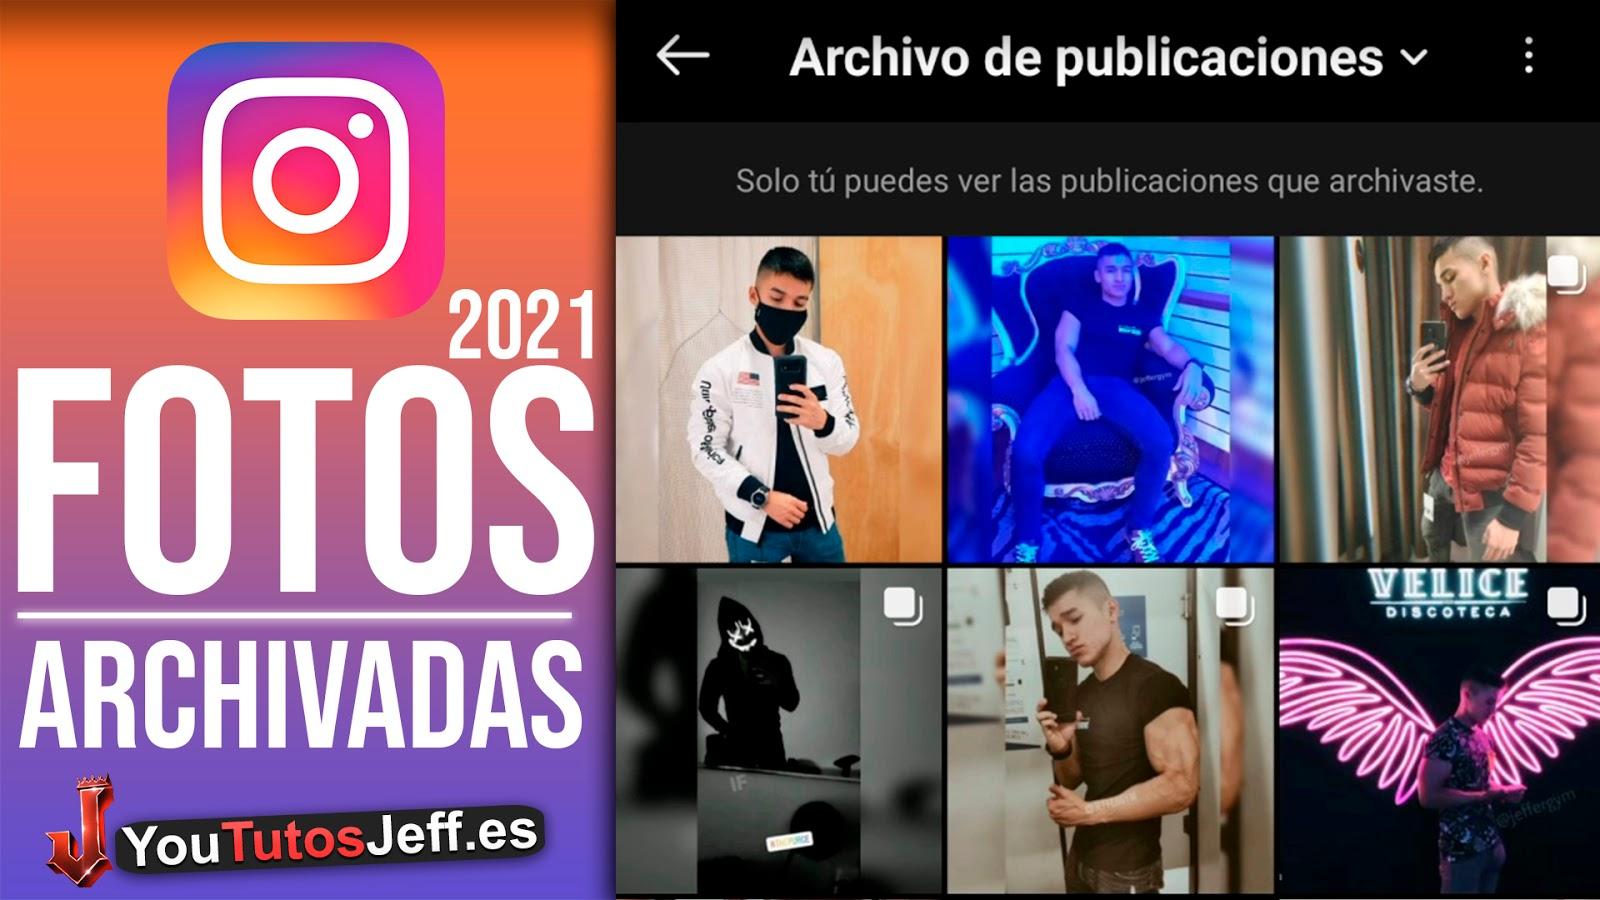 Como Ver las Fotos Archivadas Instagram 2021